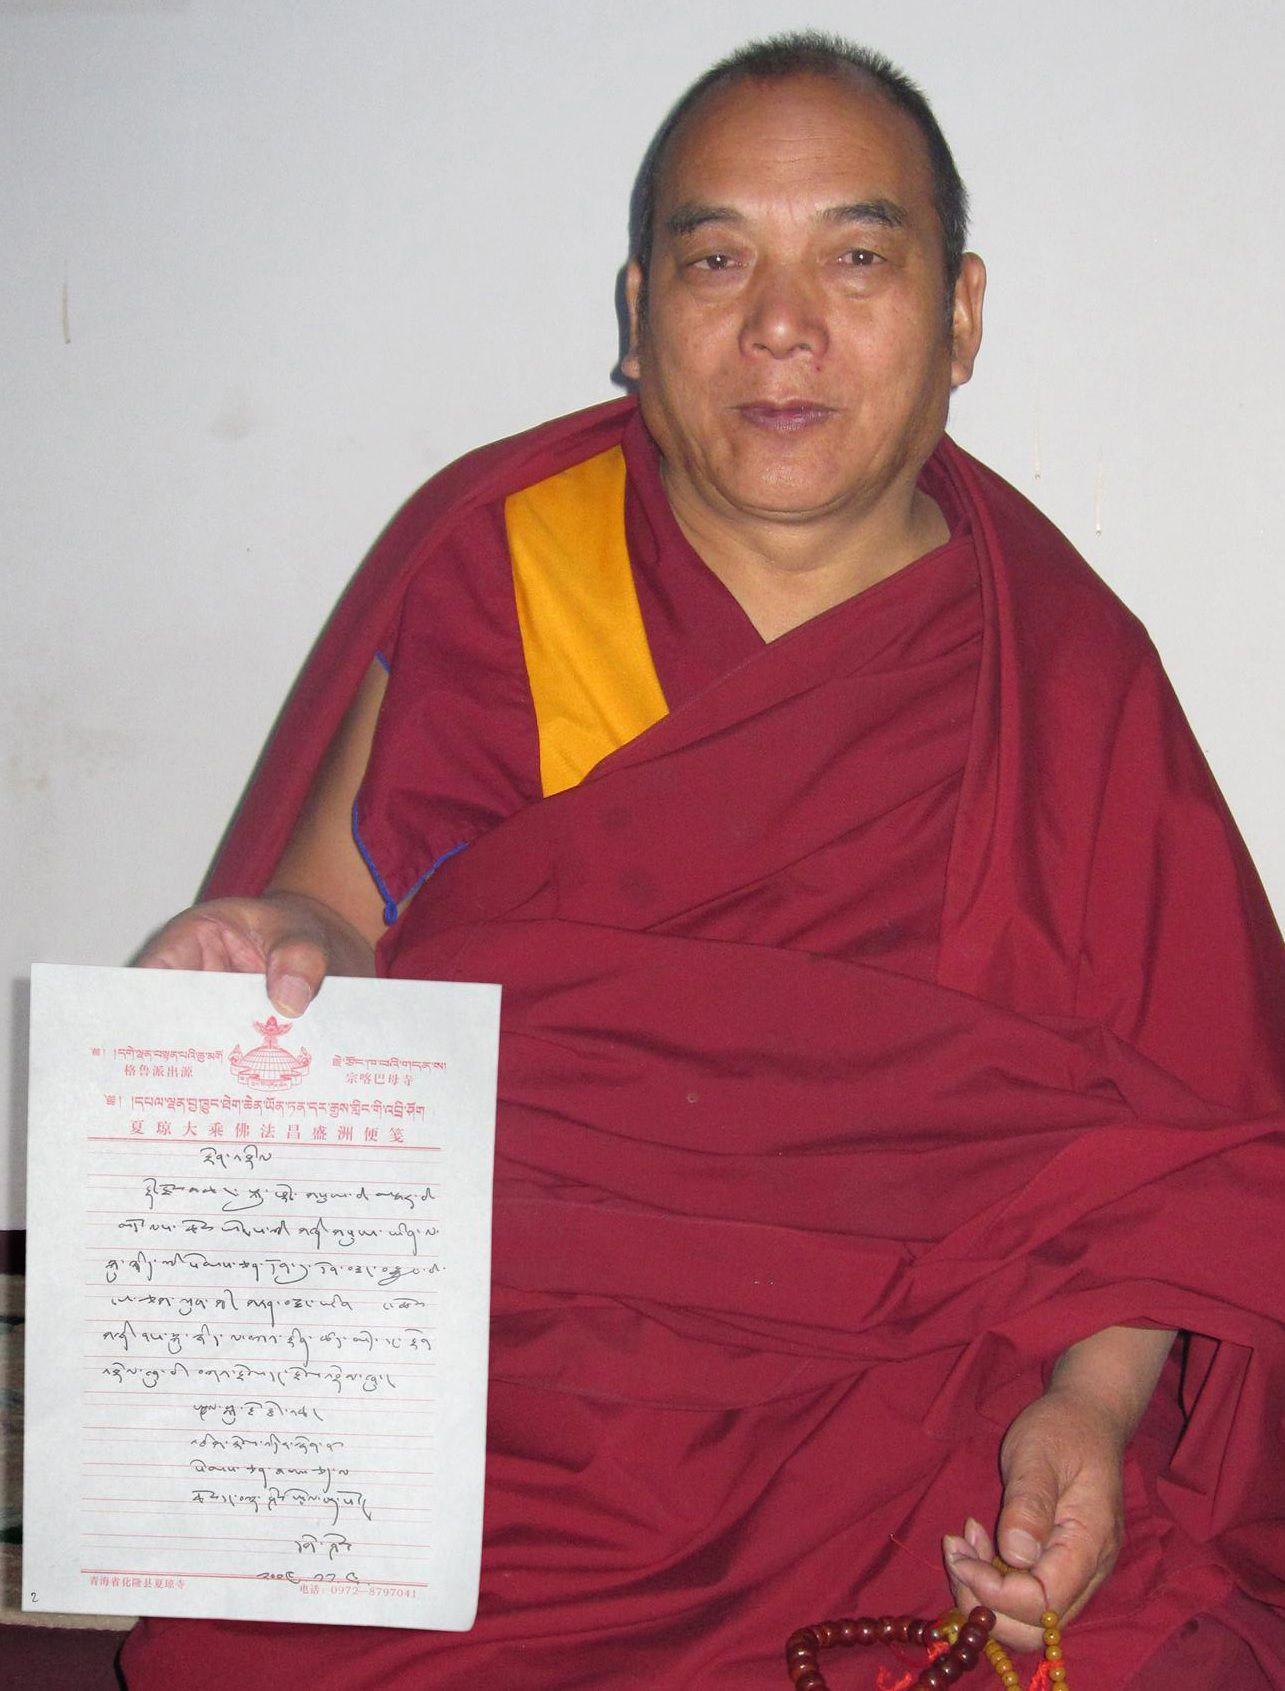 宗喀巴大師母寺的格謝仁波且敬賀第三世多杰羌佛